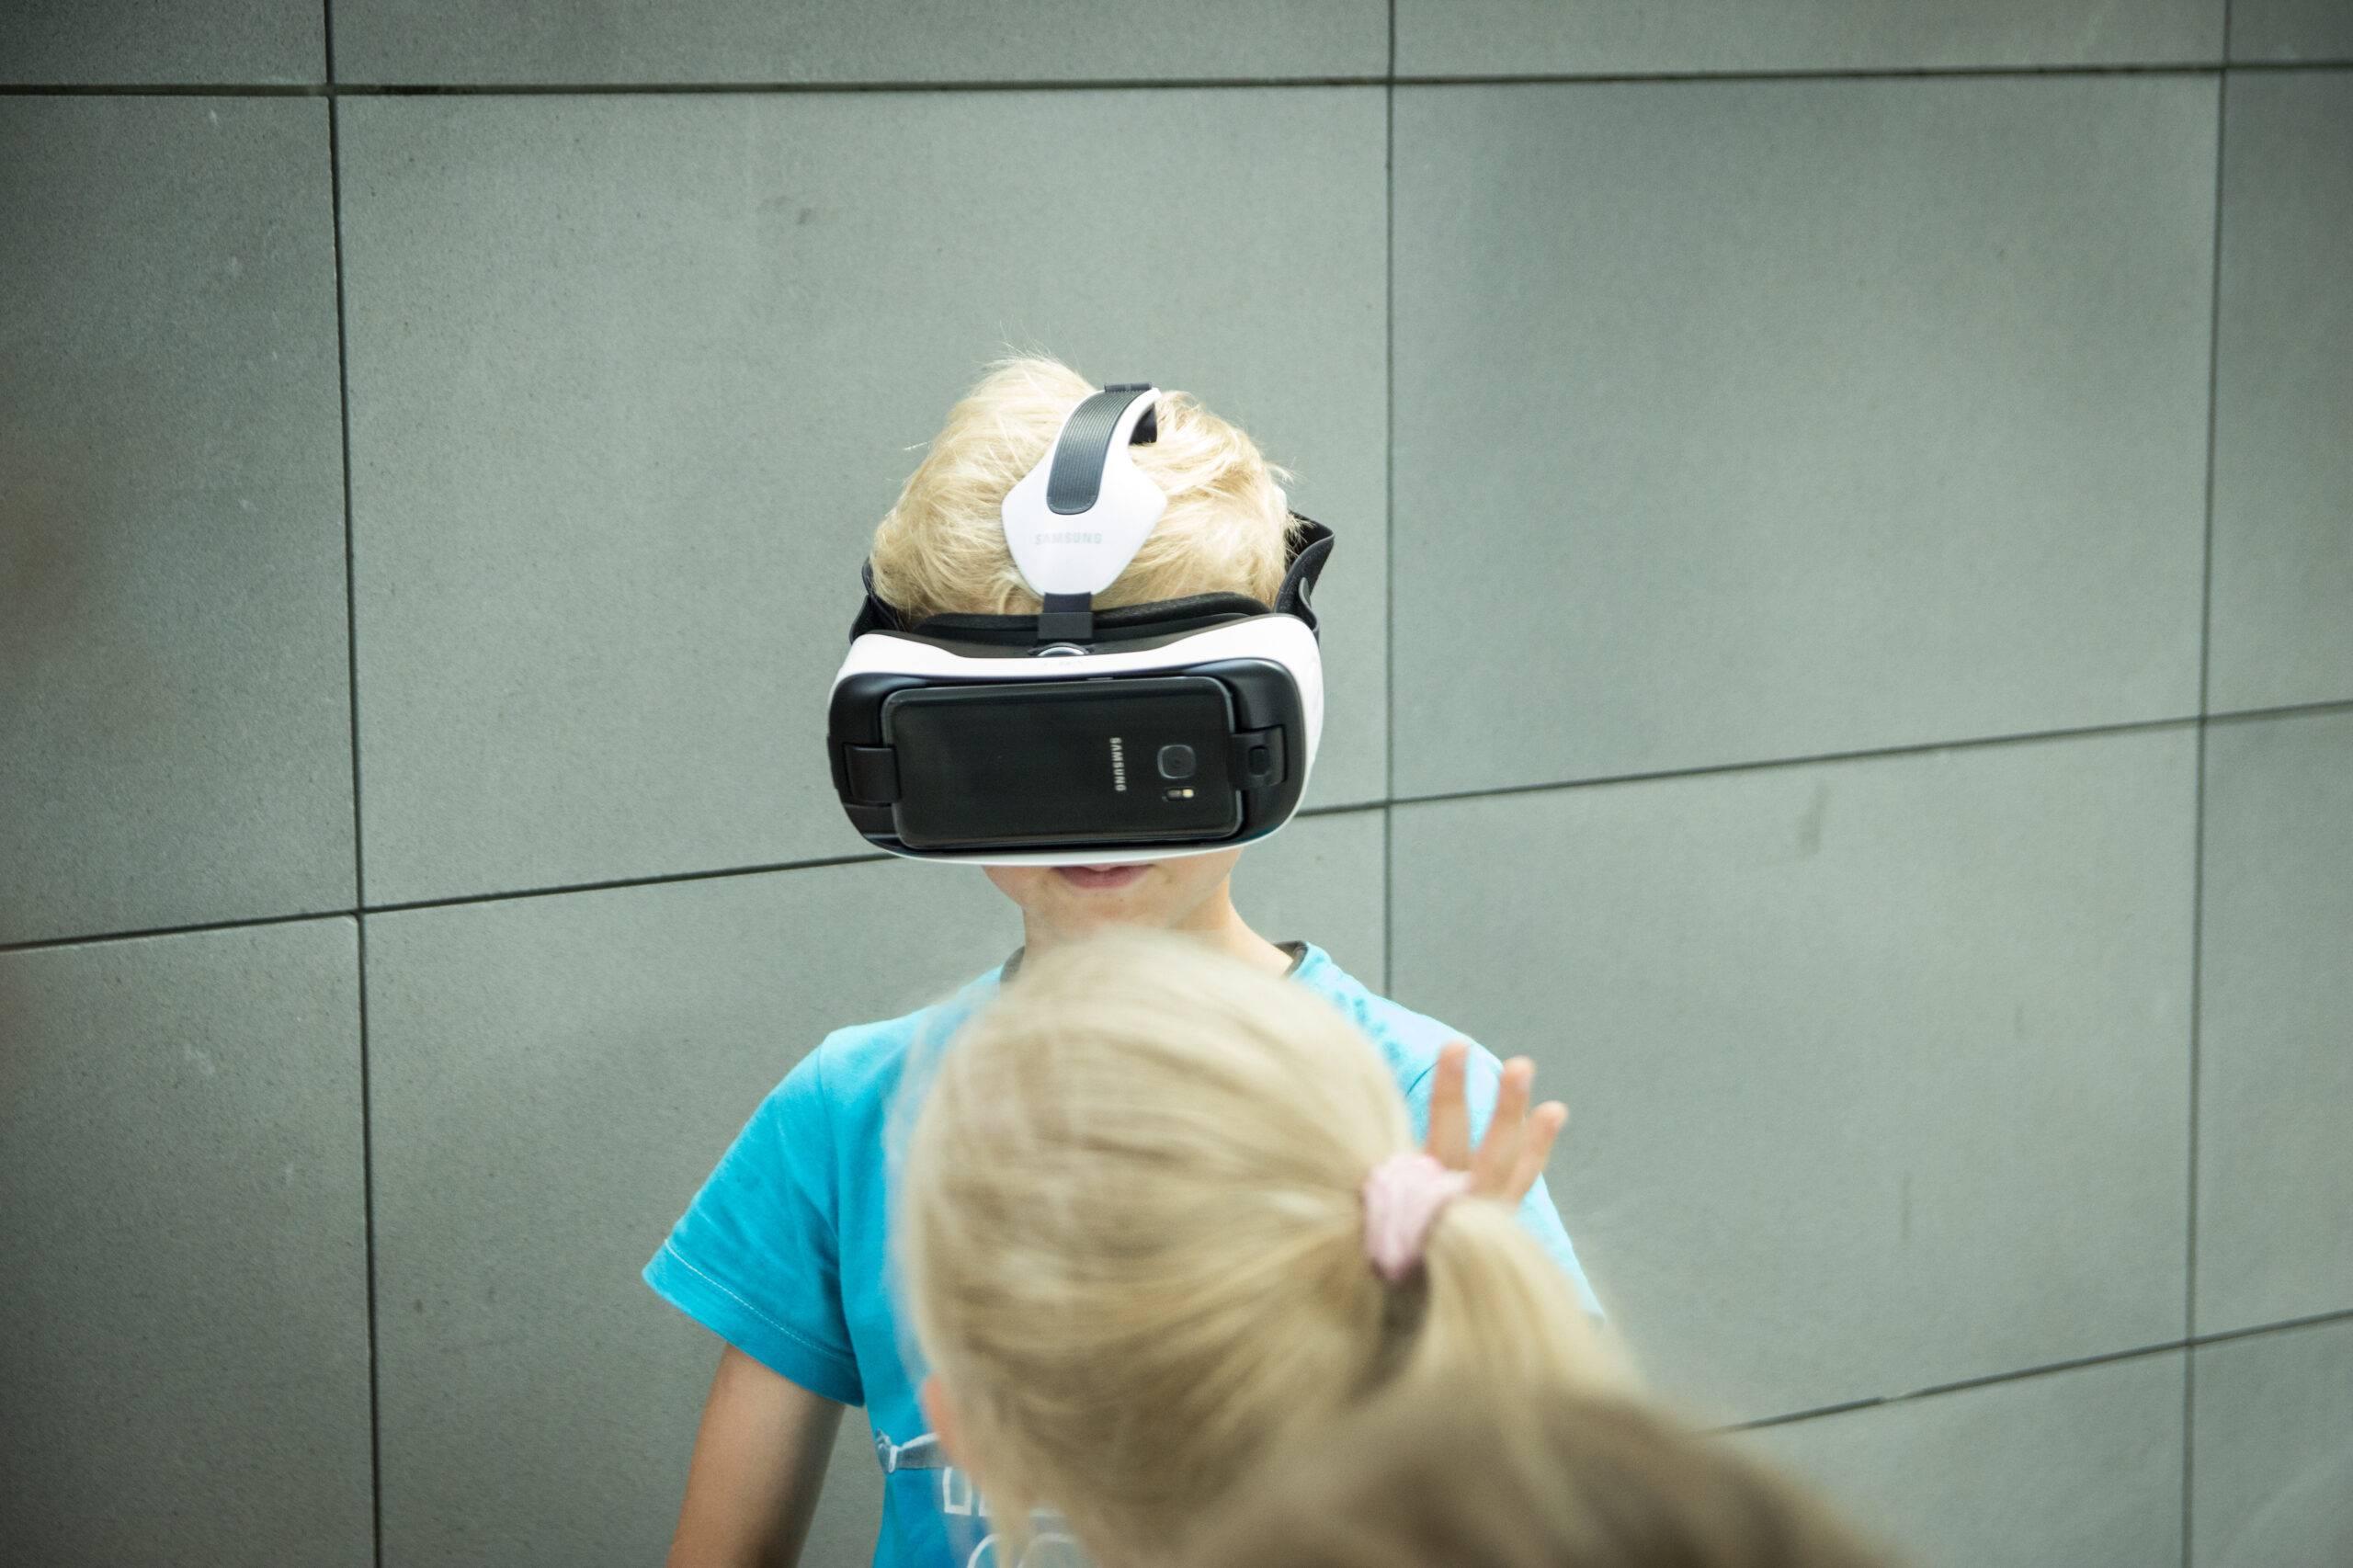 Uniwersytet Dziecięcy - Zadanie związane z wirtualną rzeczywistoscią